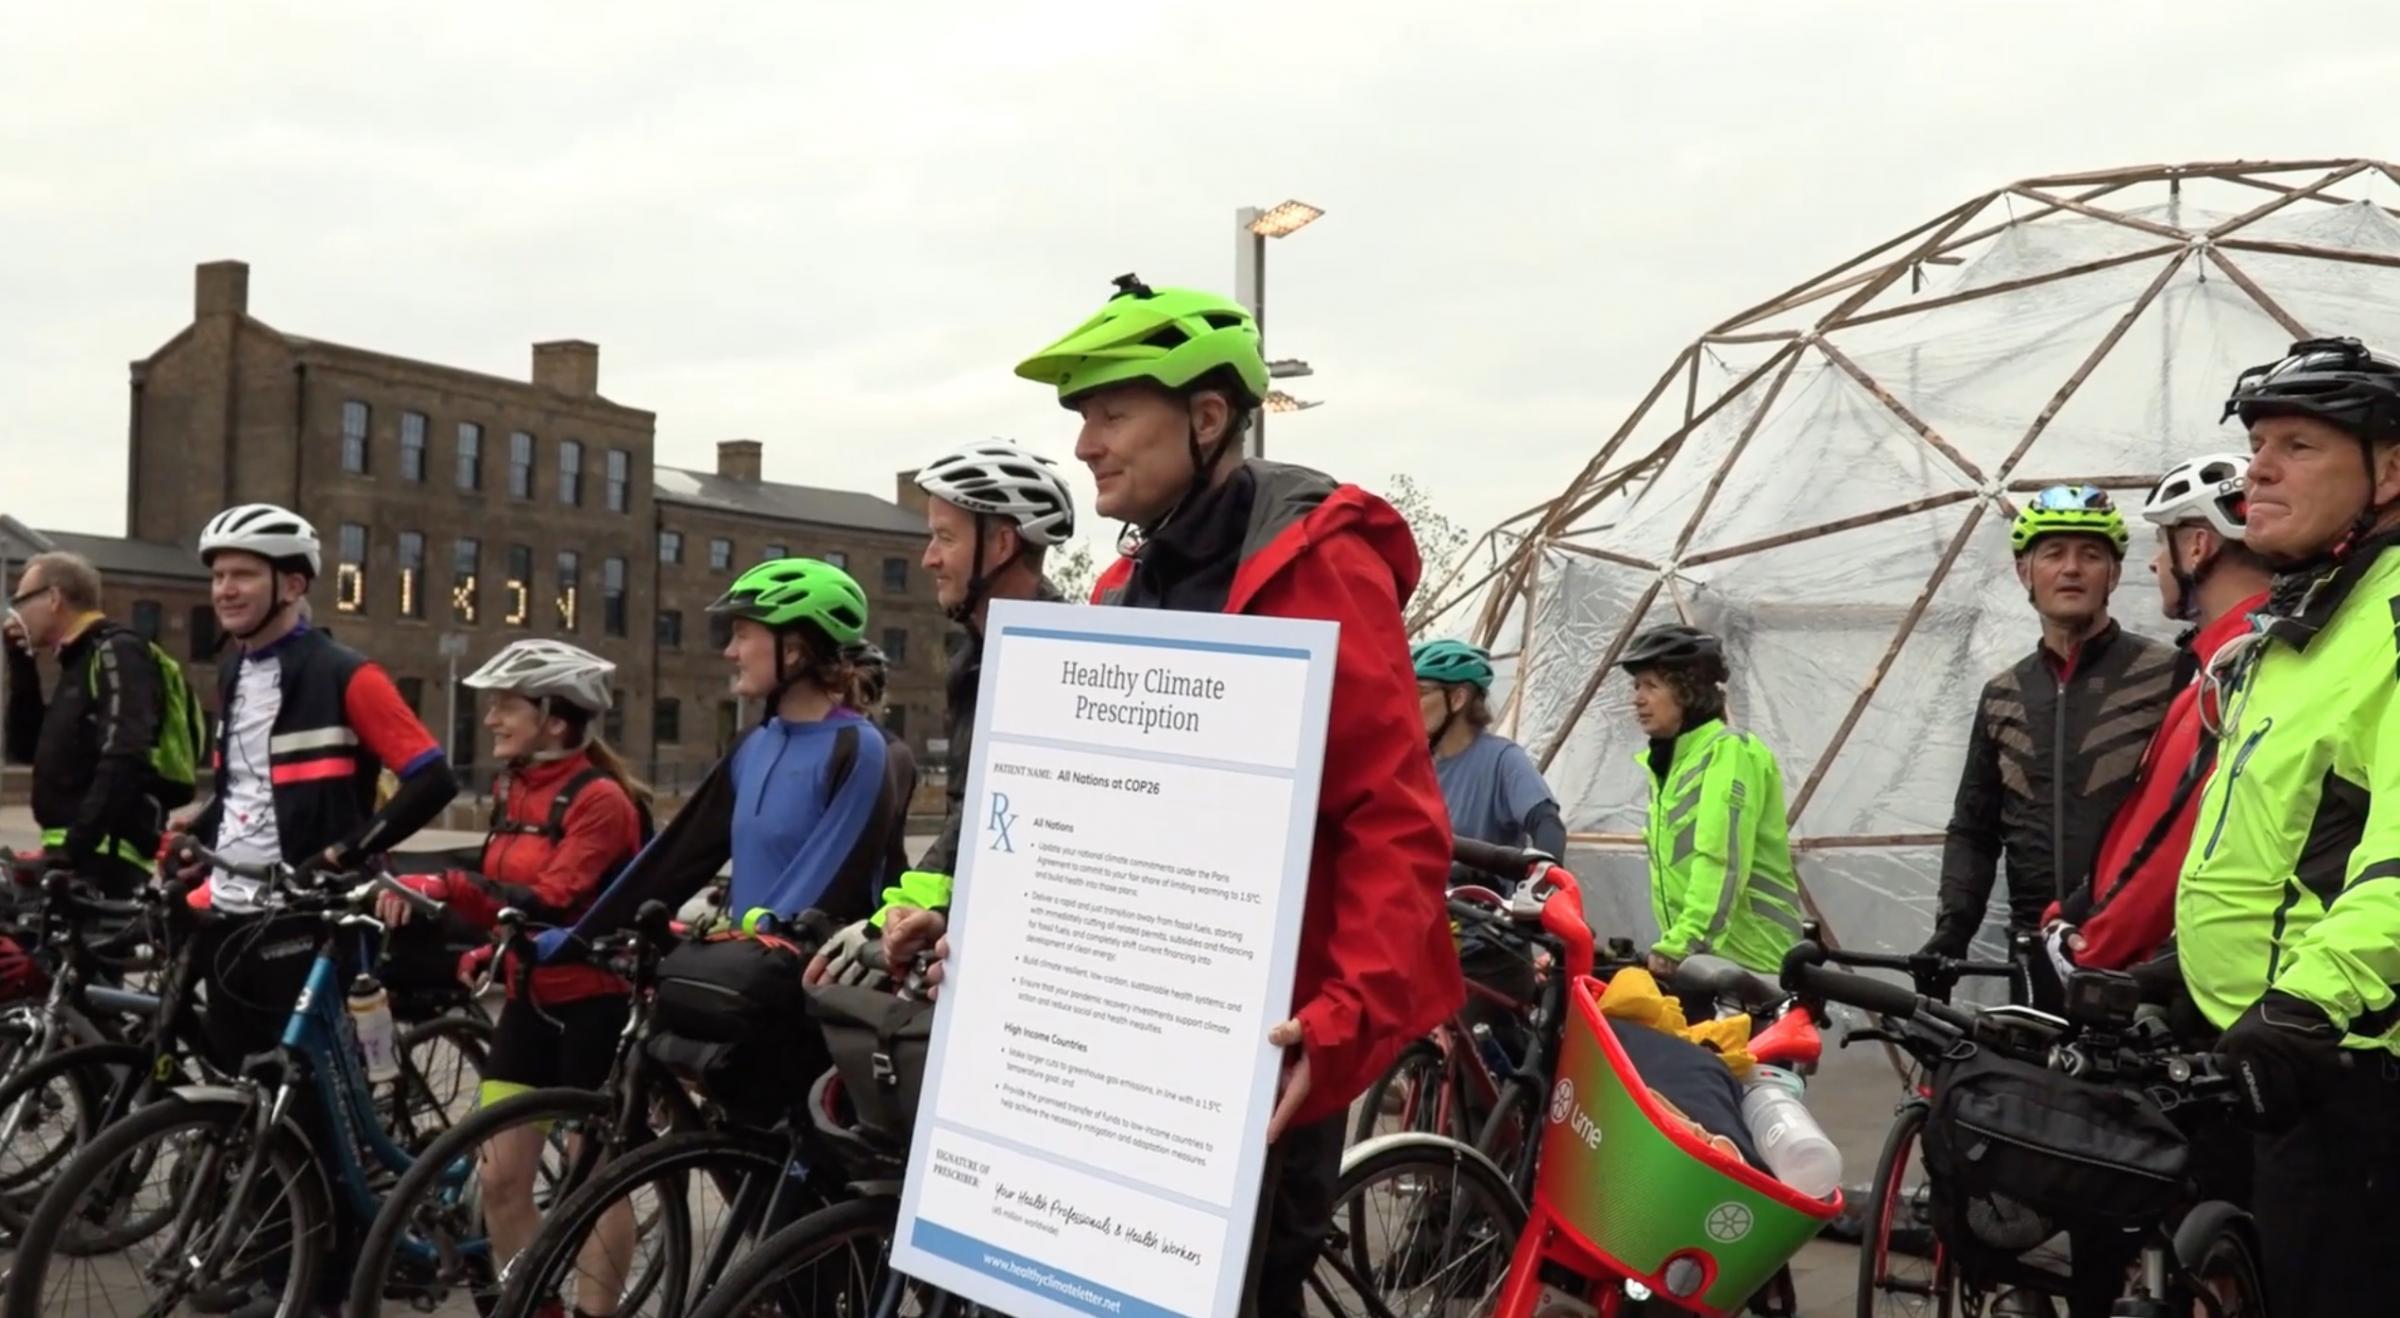 Pasien dan staf rumah sakit bersepeda dari London ke Glasgow untuk menyoroti polusi